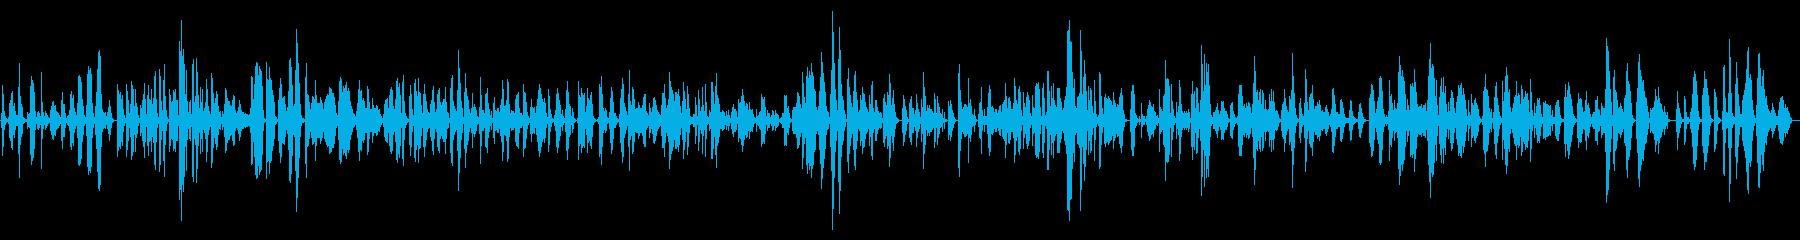 和風な響きのあるメロディーの再生済みの波形